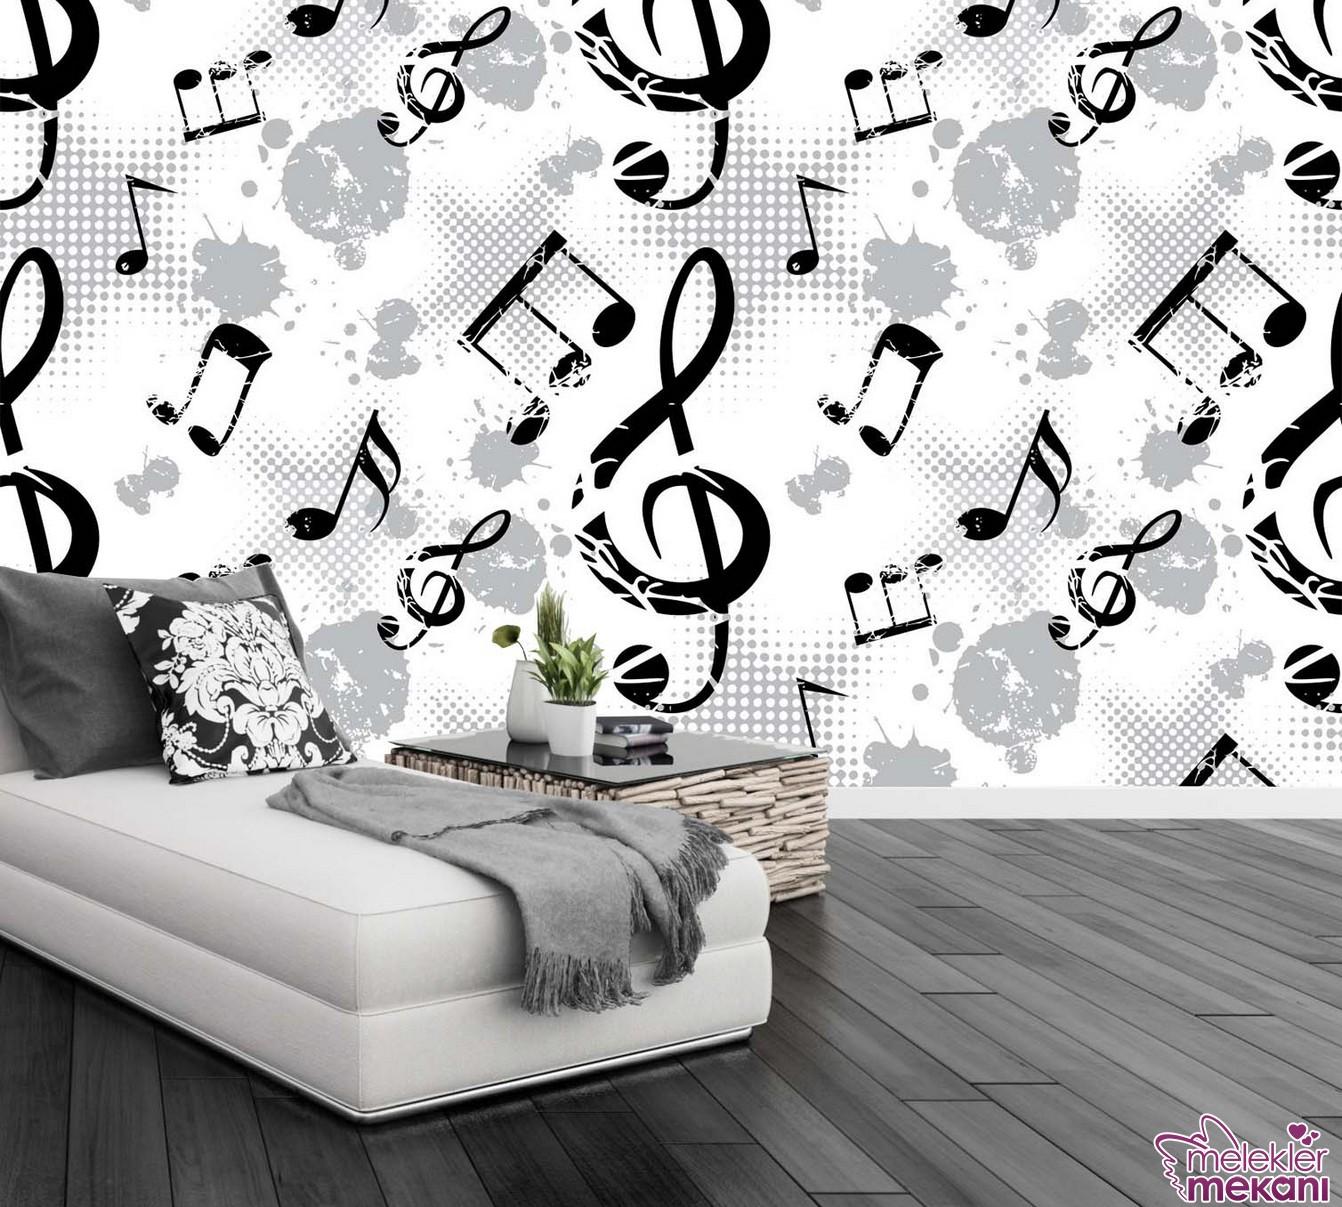 Baskı desenli siyah beyaz genç odası duvar kağıdı model seçimi ile genç odalarınızı estetikleştirebilirsiniz.